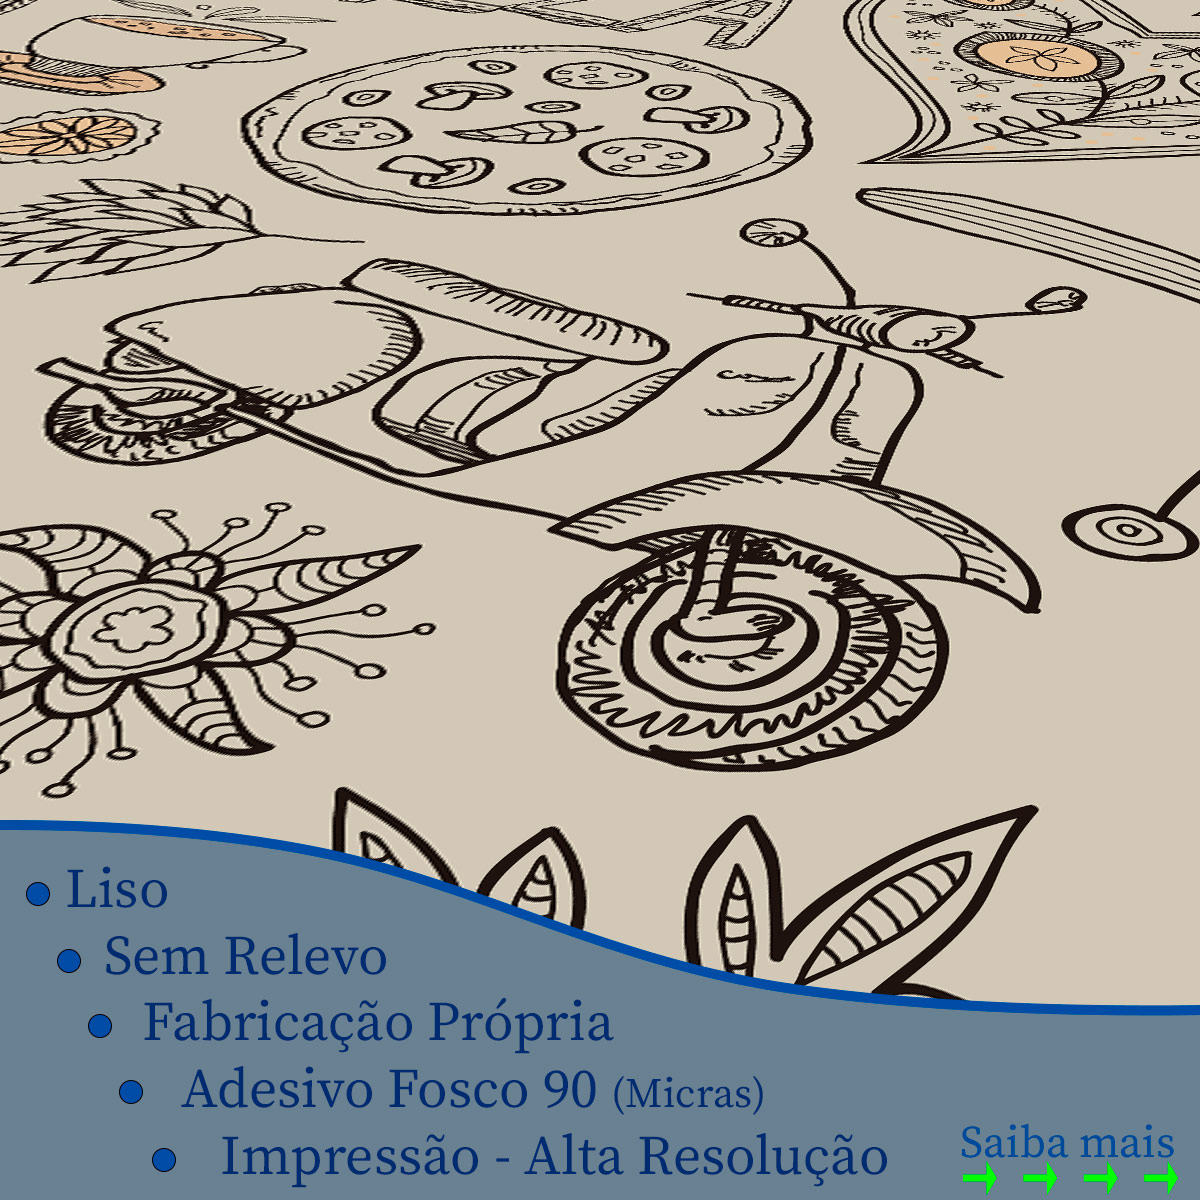 Papel de Parede Pizzaria Food Floral Love Adesivo